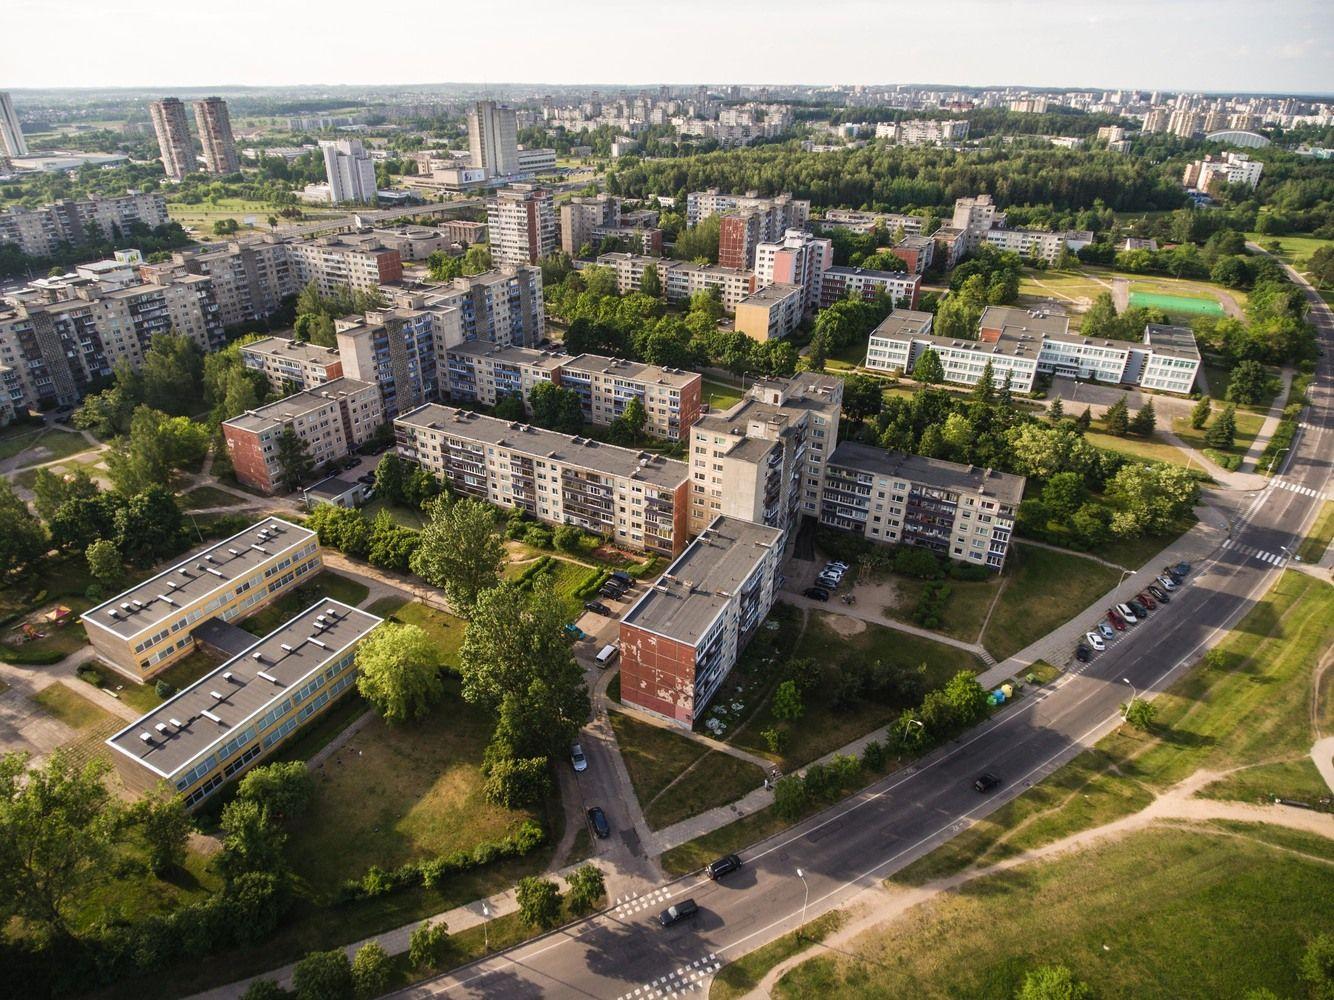 Vilniuje – apie 100 mln. Eur senų daugiabučių kiemų atnaujinimui